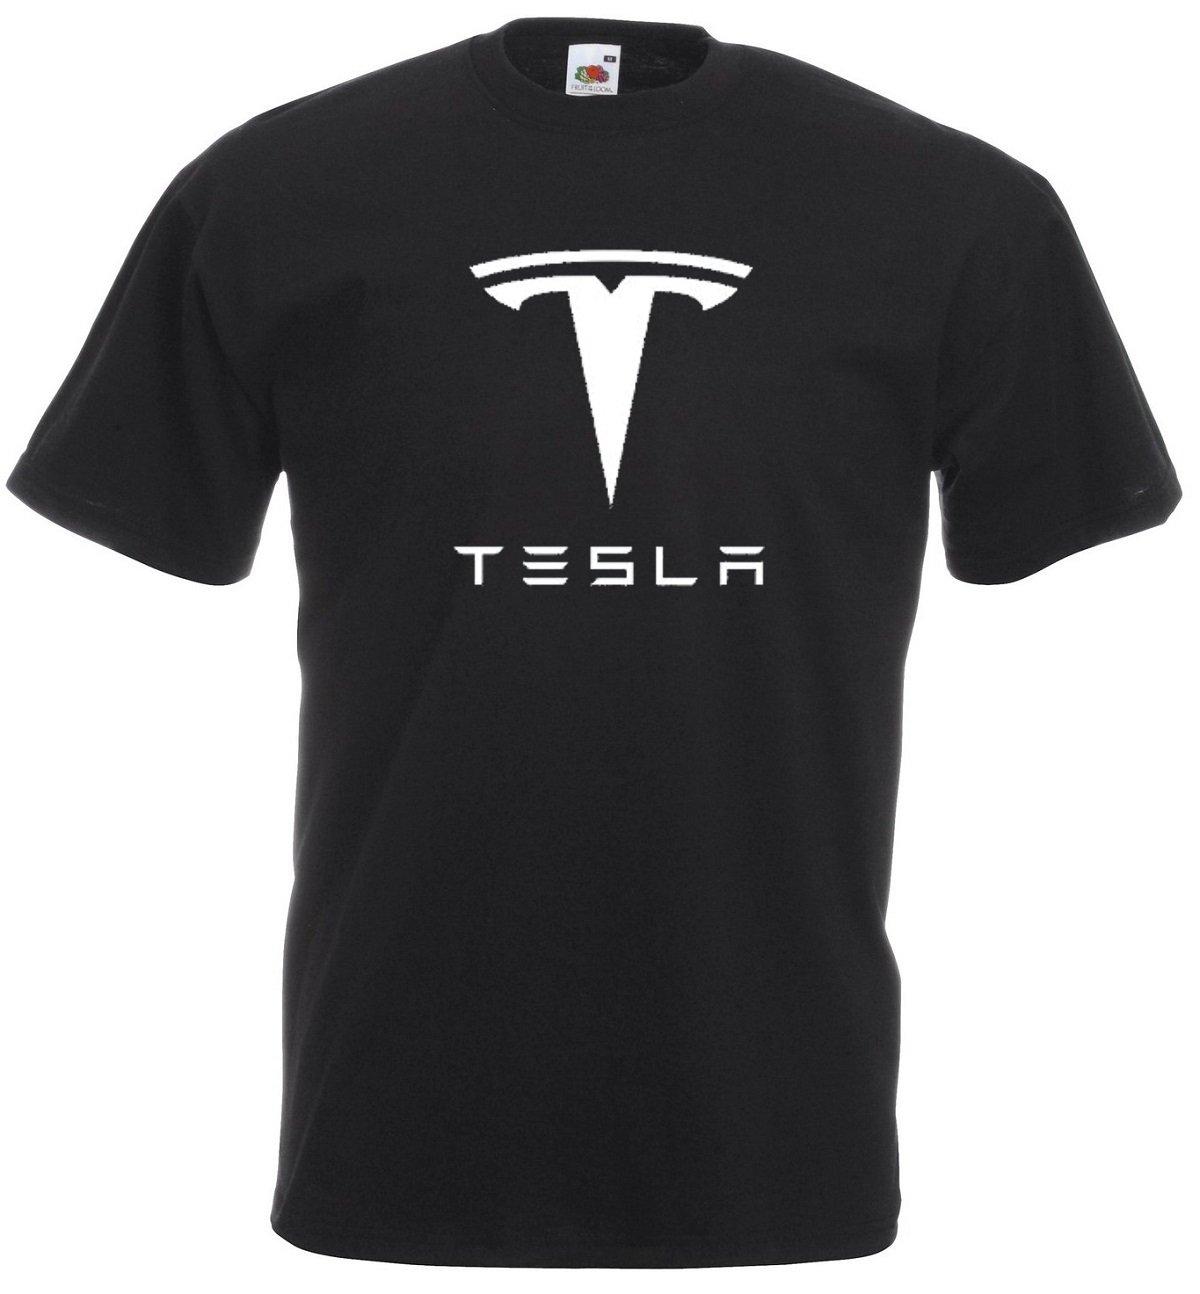 Tesla Motors Car Auto Electric Automobile Inspired T-shirt, Men, Size M